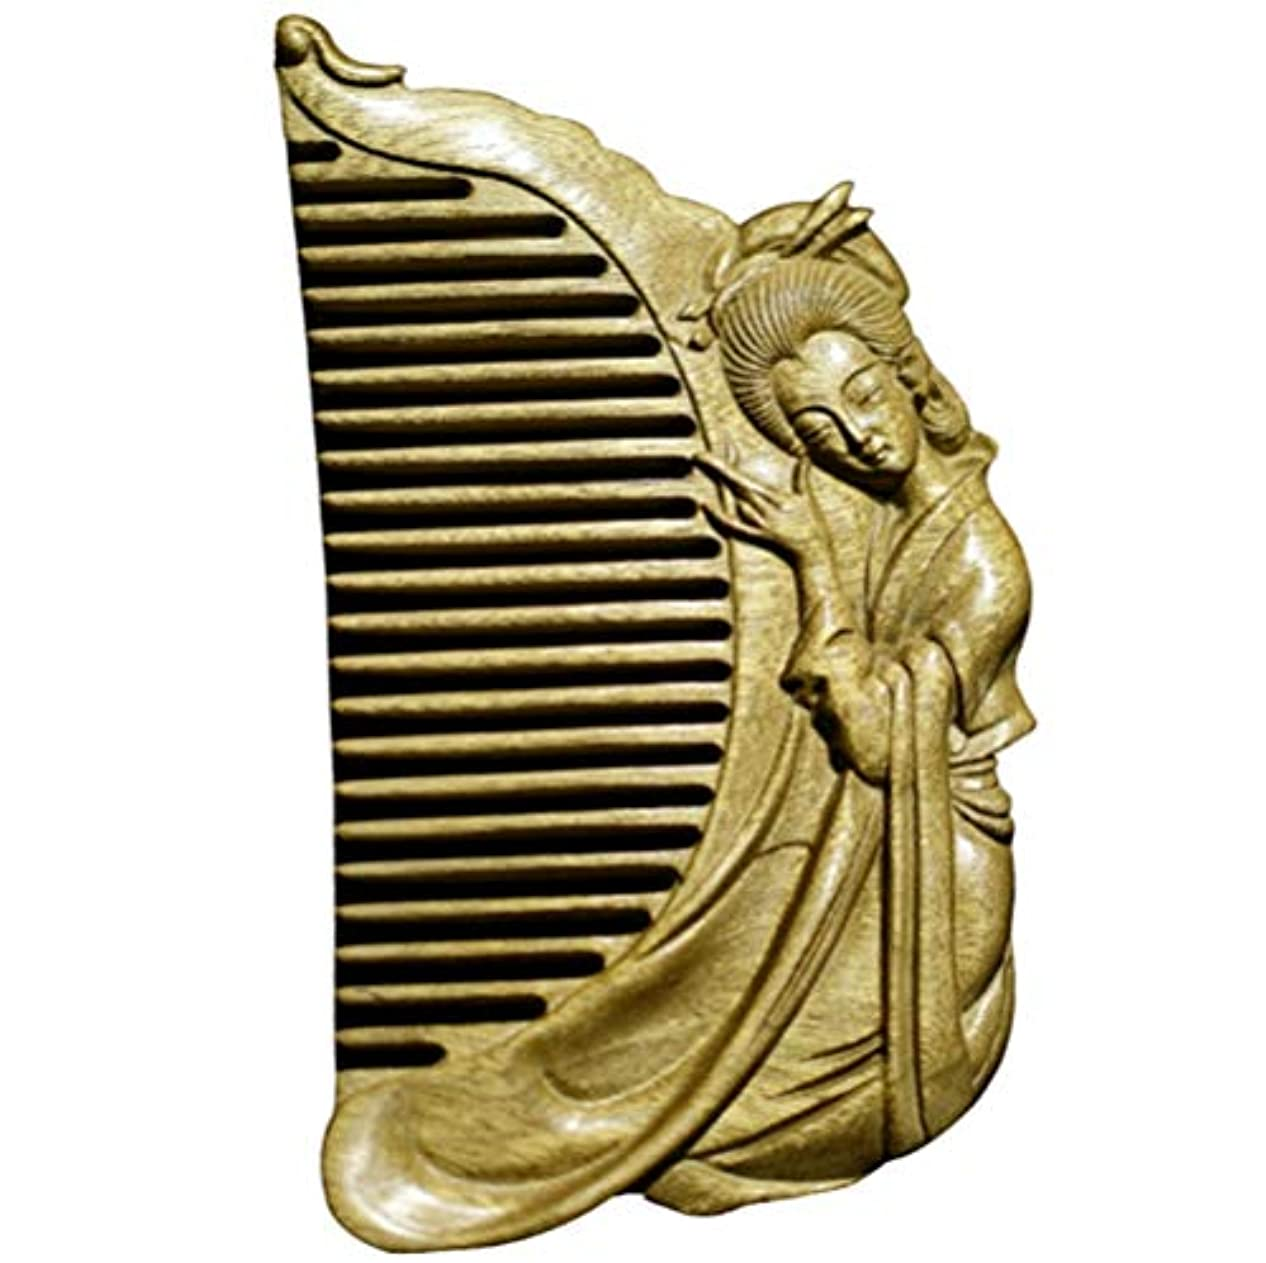 分布義務的アンビエントFashian手彫りの女性の櫛/黒檀の櫛は、母親と友達に送ることができます ヘアケア (色 : Wood)